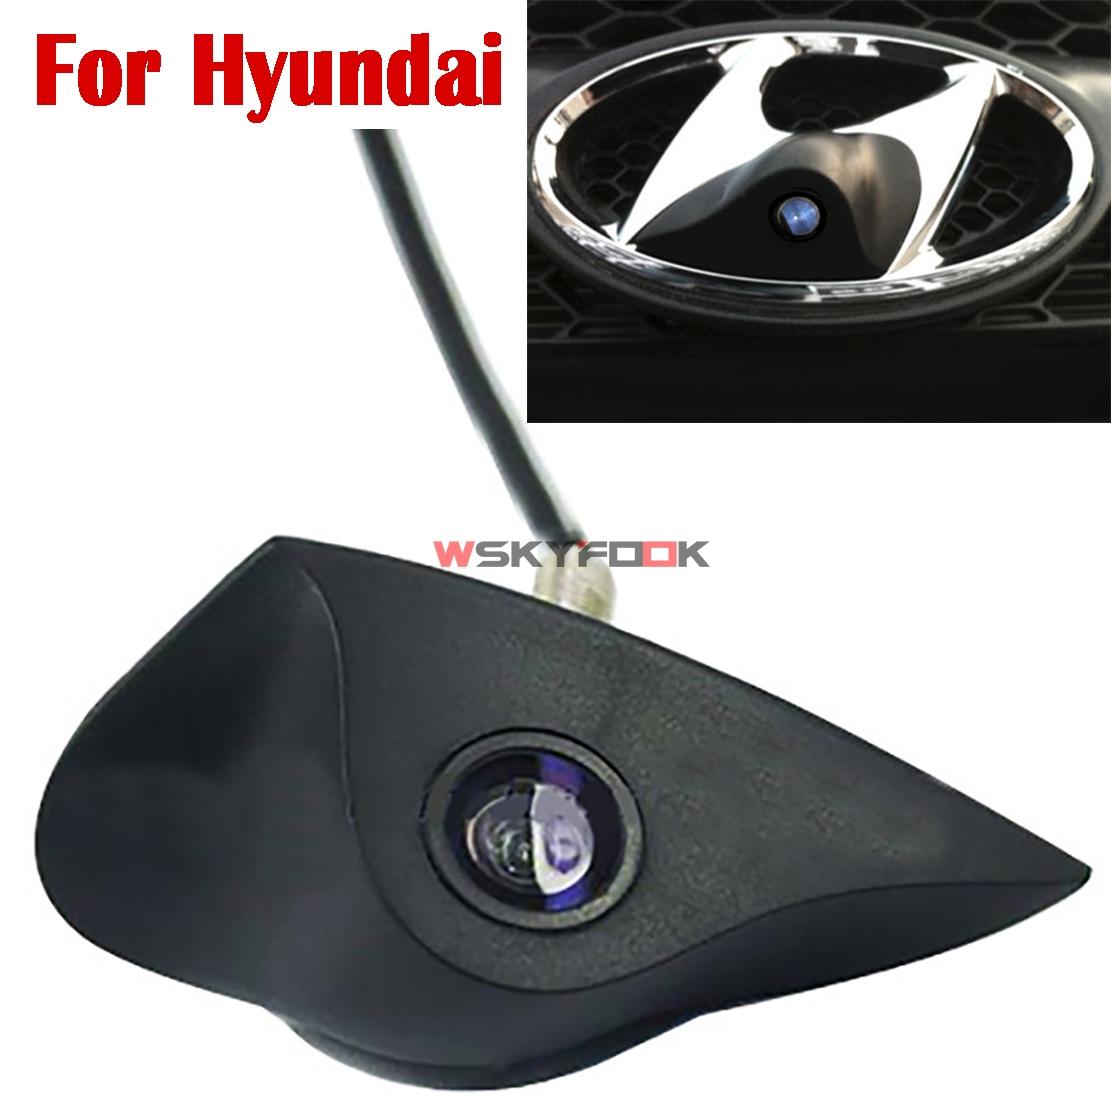 Prix pour 600L CCD de vision nocturne De Voiture auto Véhicule vue de Face Logo emblème Caméra pour Mazda Nissan Hyundai Marque frotn logo positif caméra